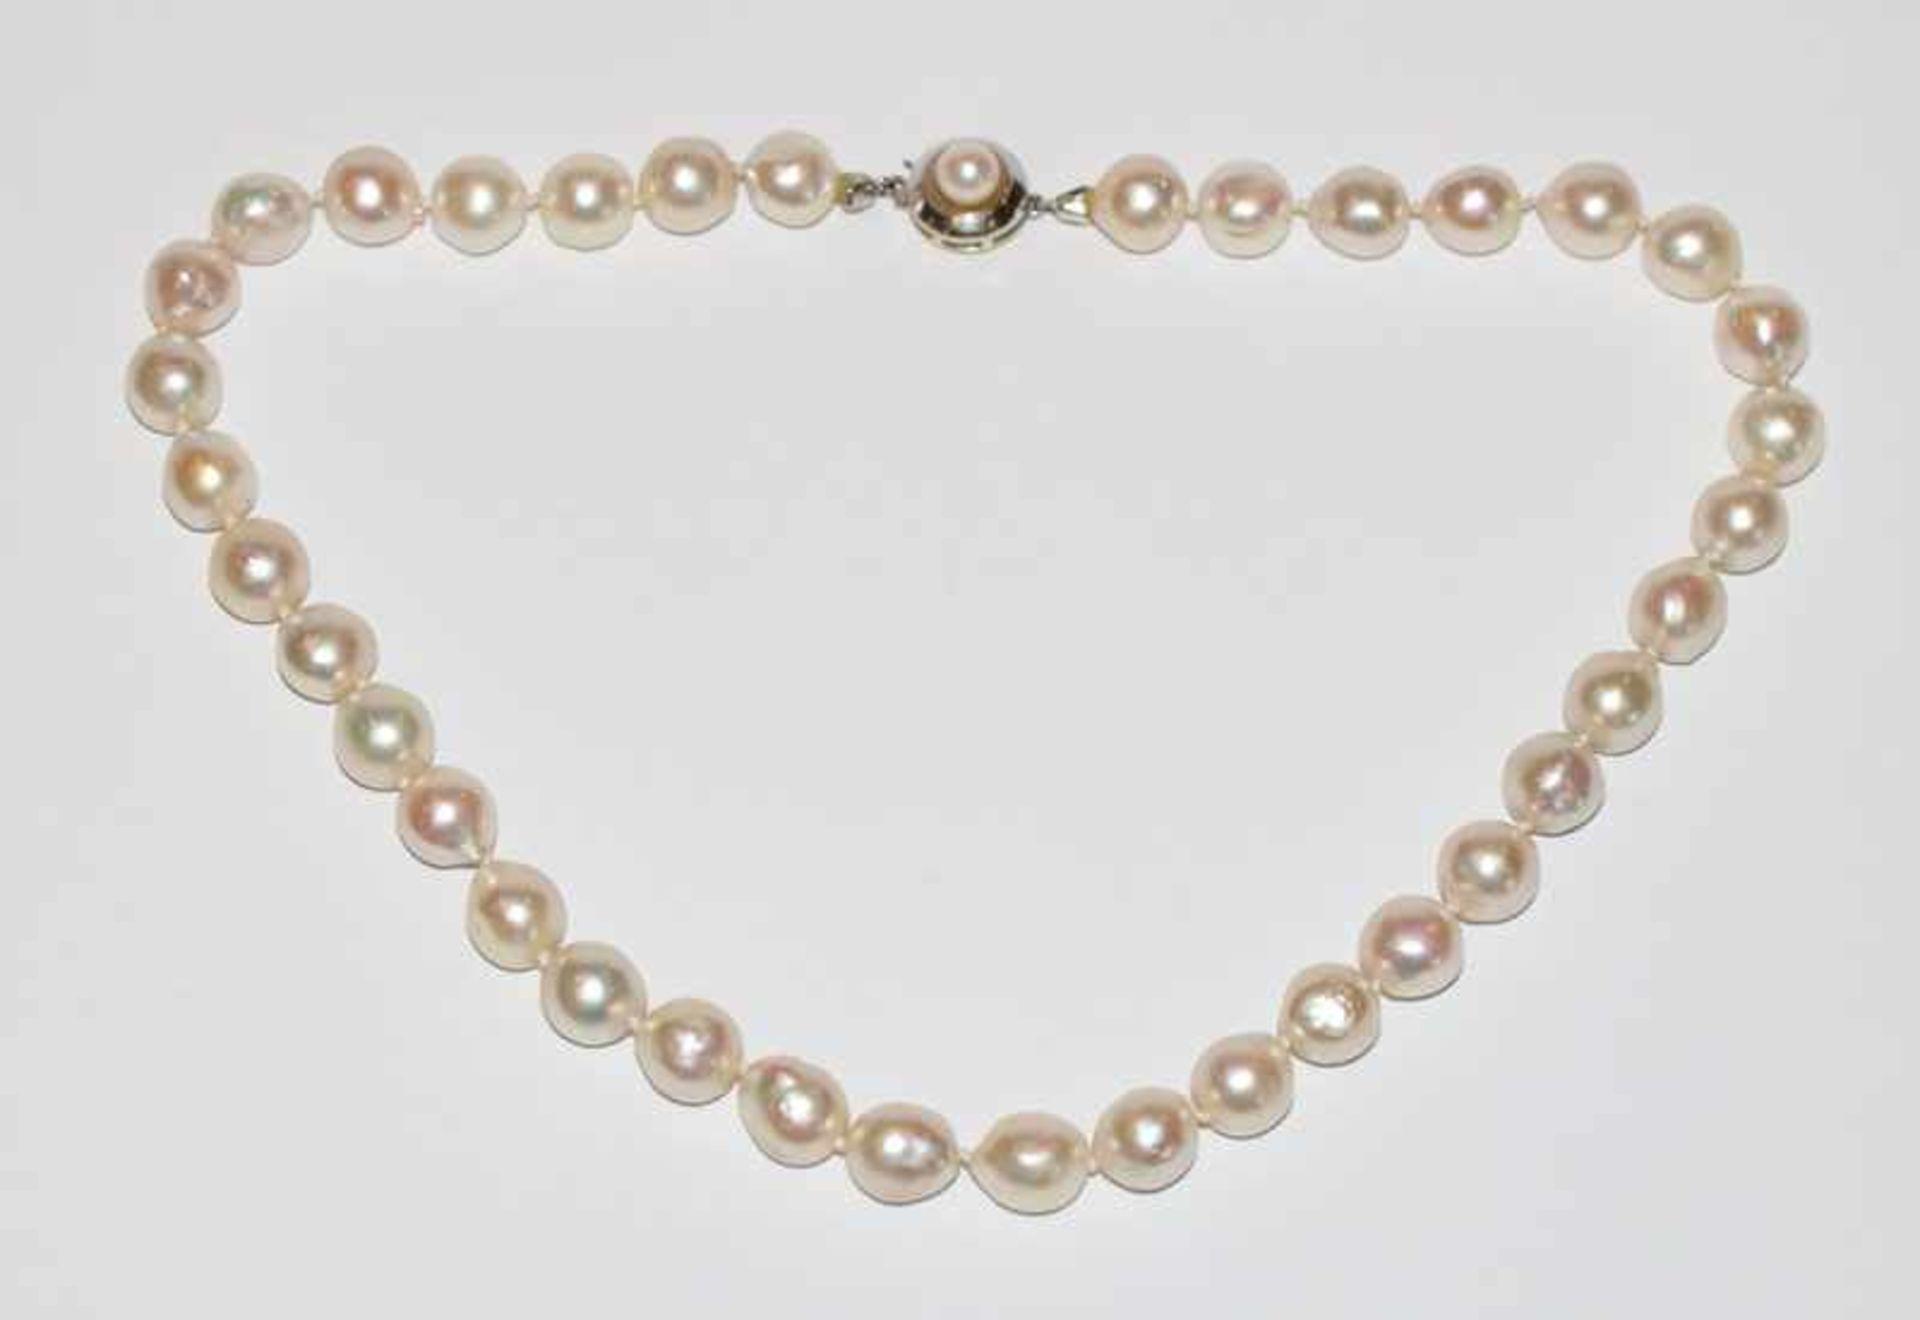 Los 13 - Perlenkette, Perlen 9/10 mm, 14 k Weißgold Schließe, L 38 cm